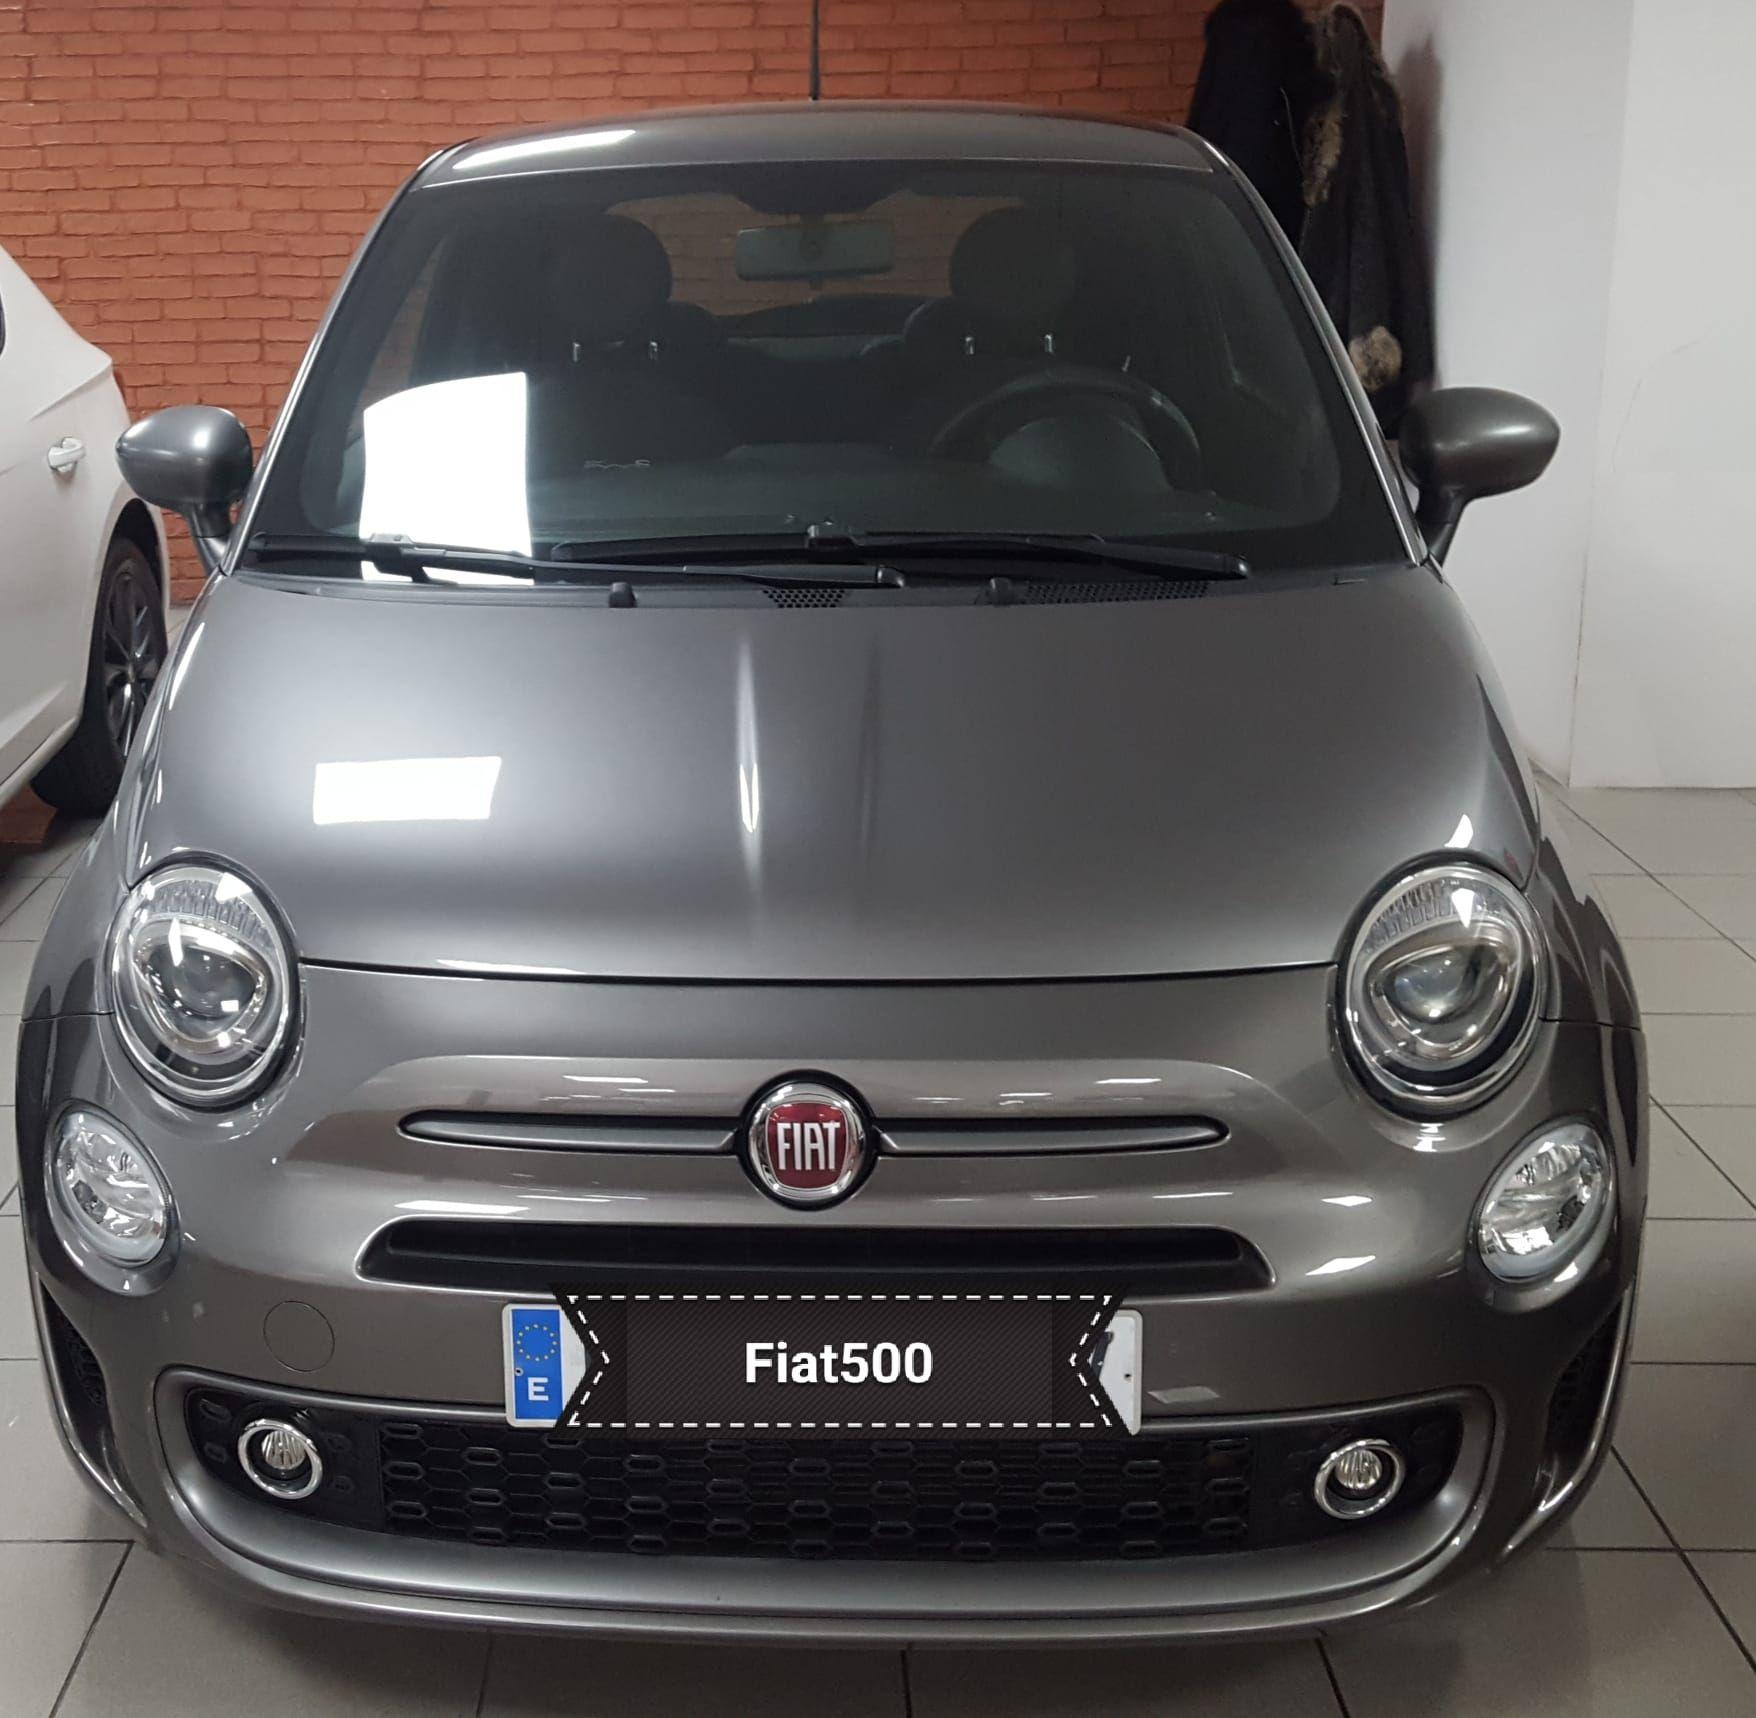 FIAT500 1.2 8V 51KW:  de Automòbils Rambla